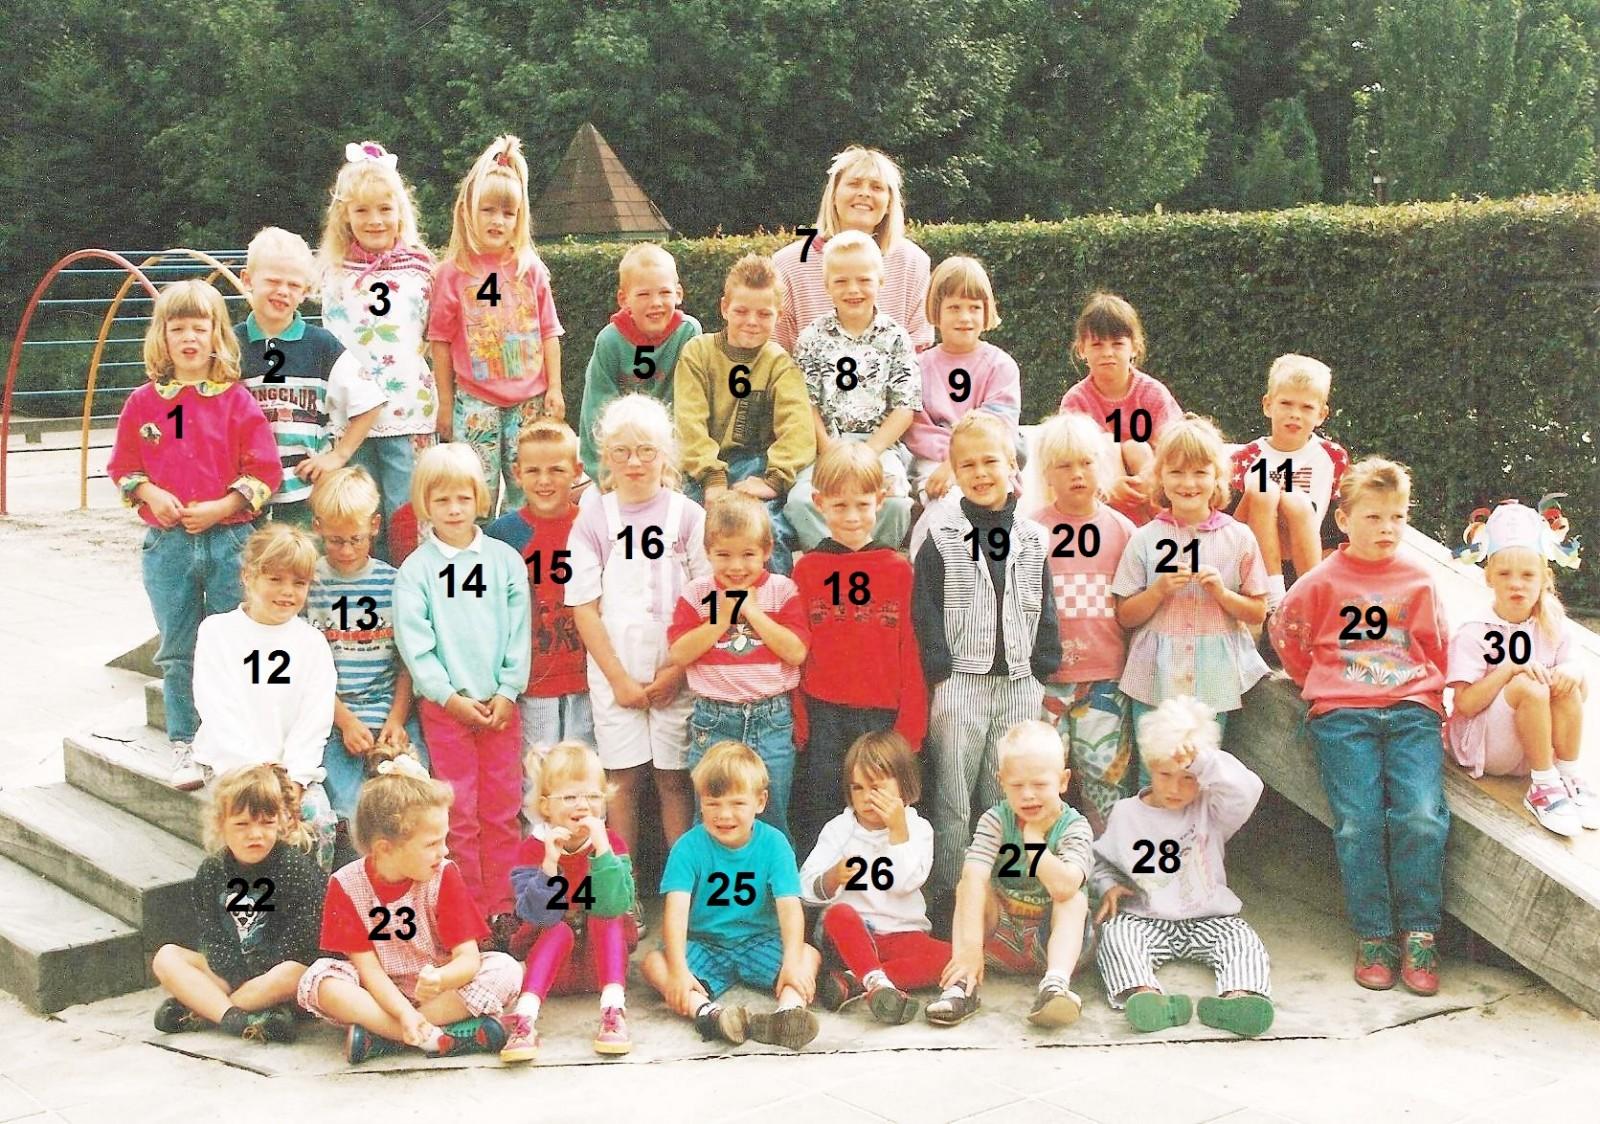 Klassenfoto Lattrop schooljaar 1992-1993